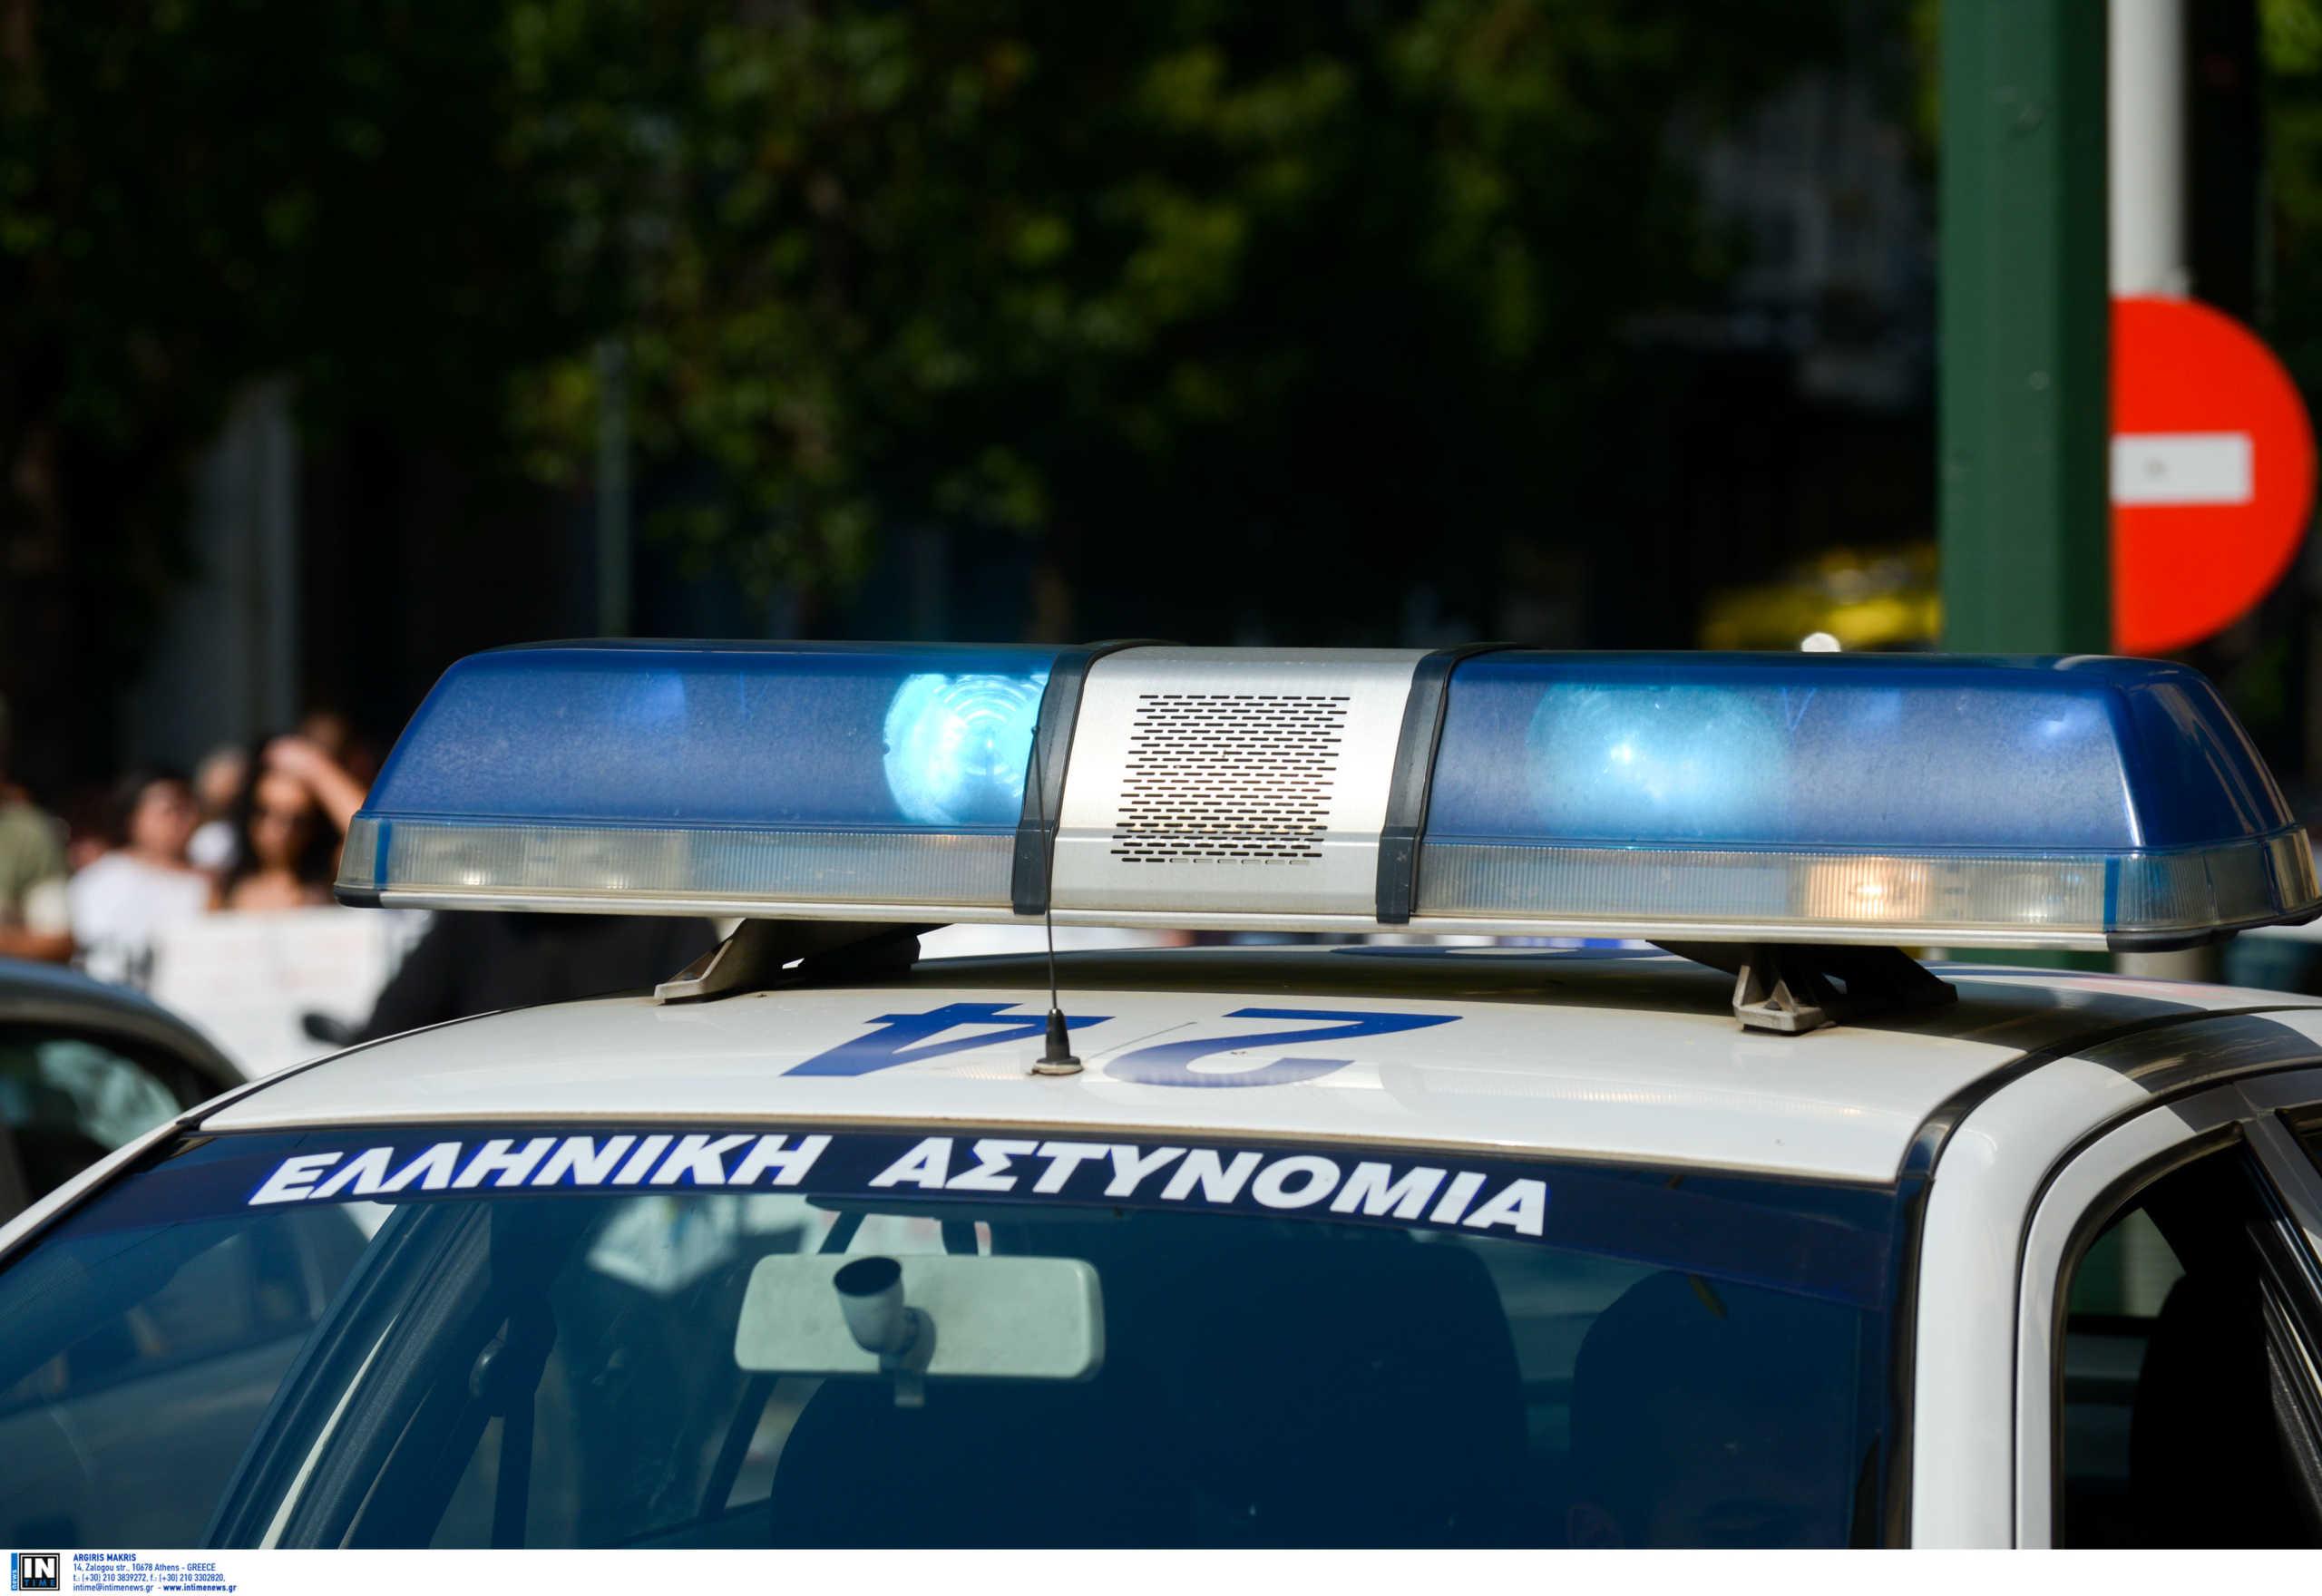 Θεσσαλονίκη: Βρέθηκε ζωντανή η 14χρονη ένα 24ωρο μετά την εξαφάνιση θρίλερ στις Συκιές!